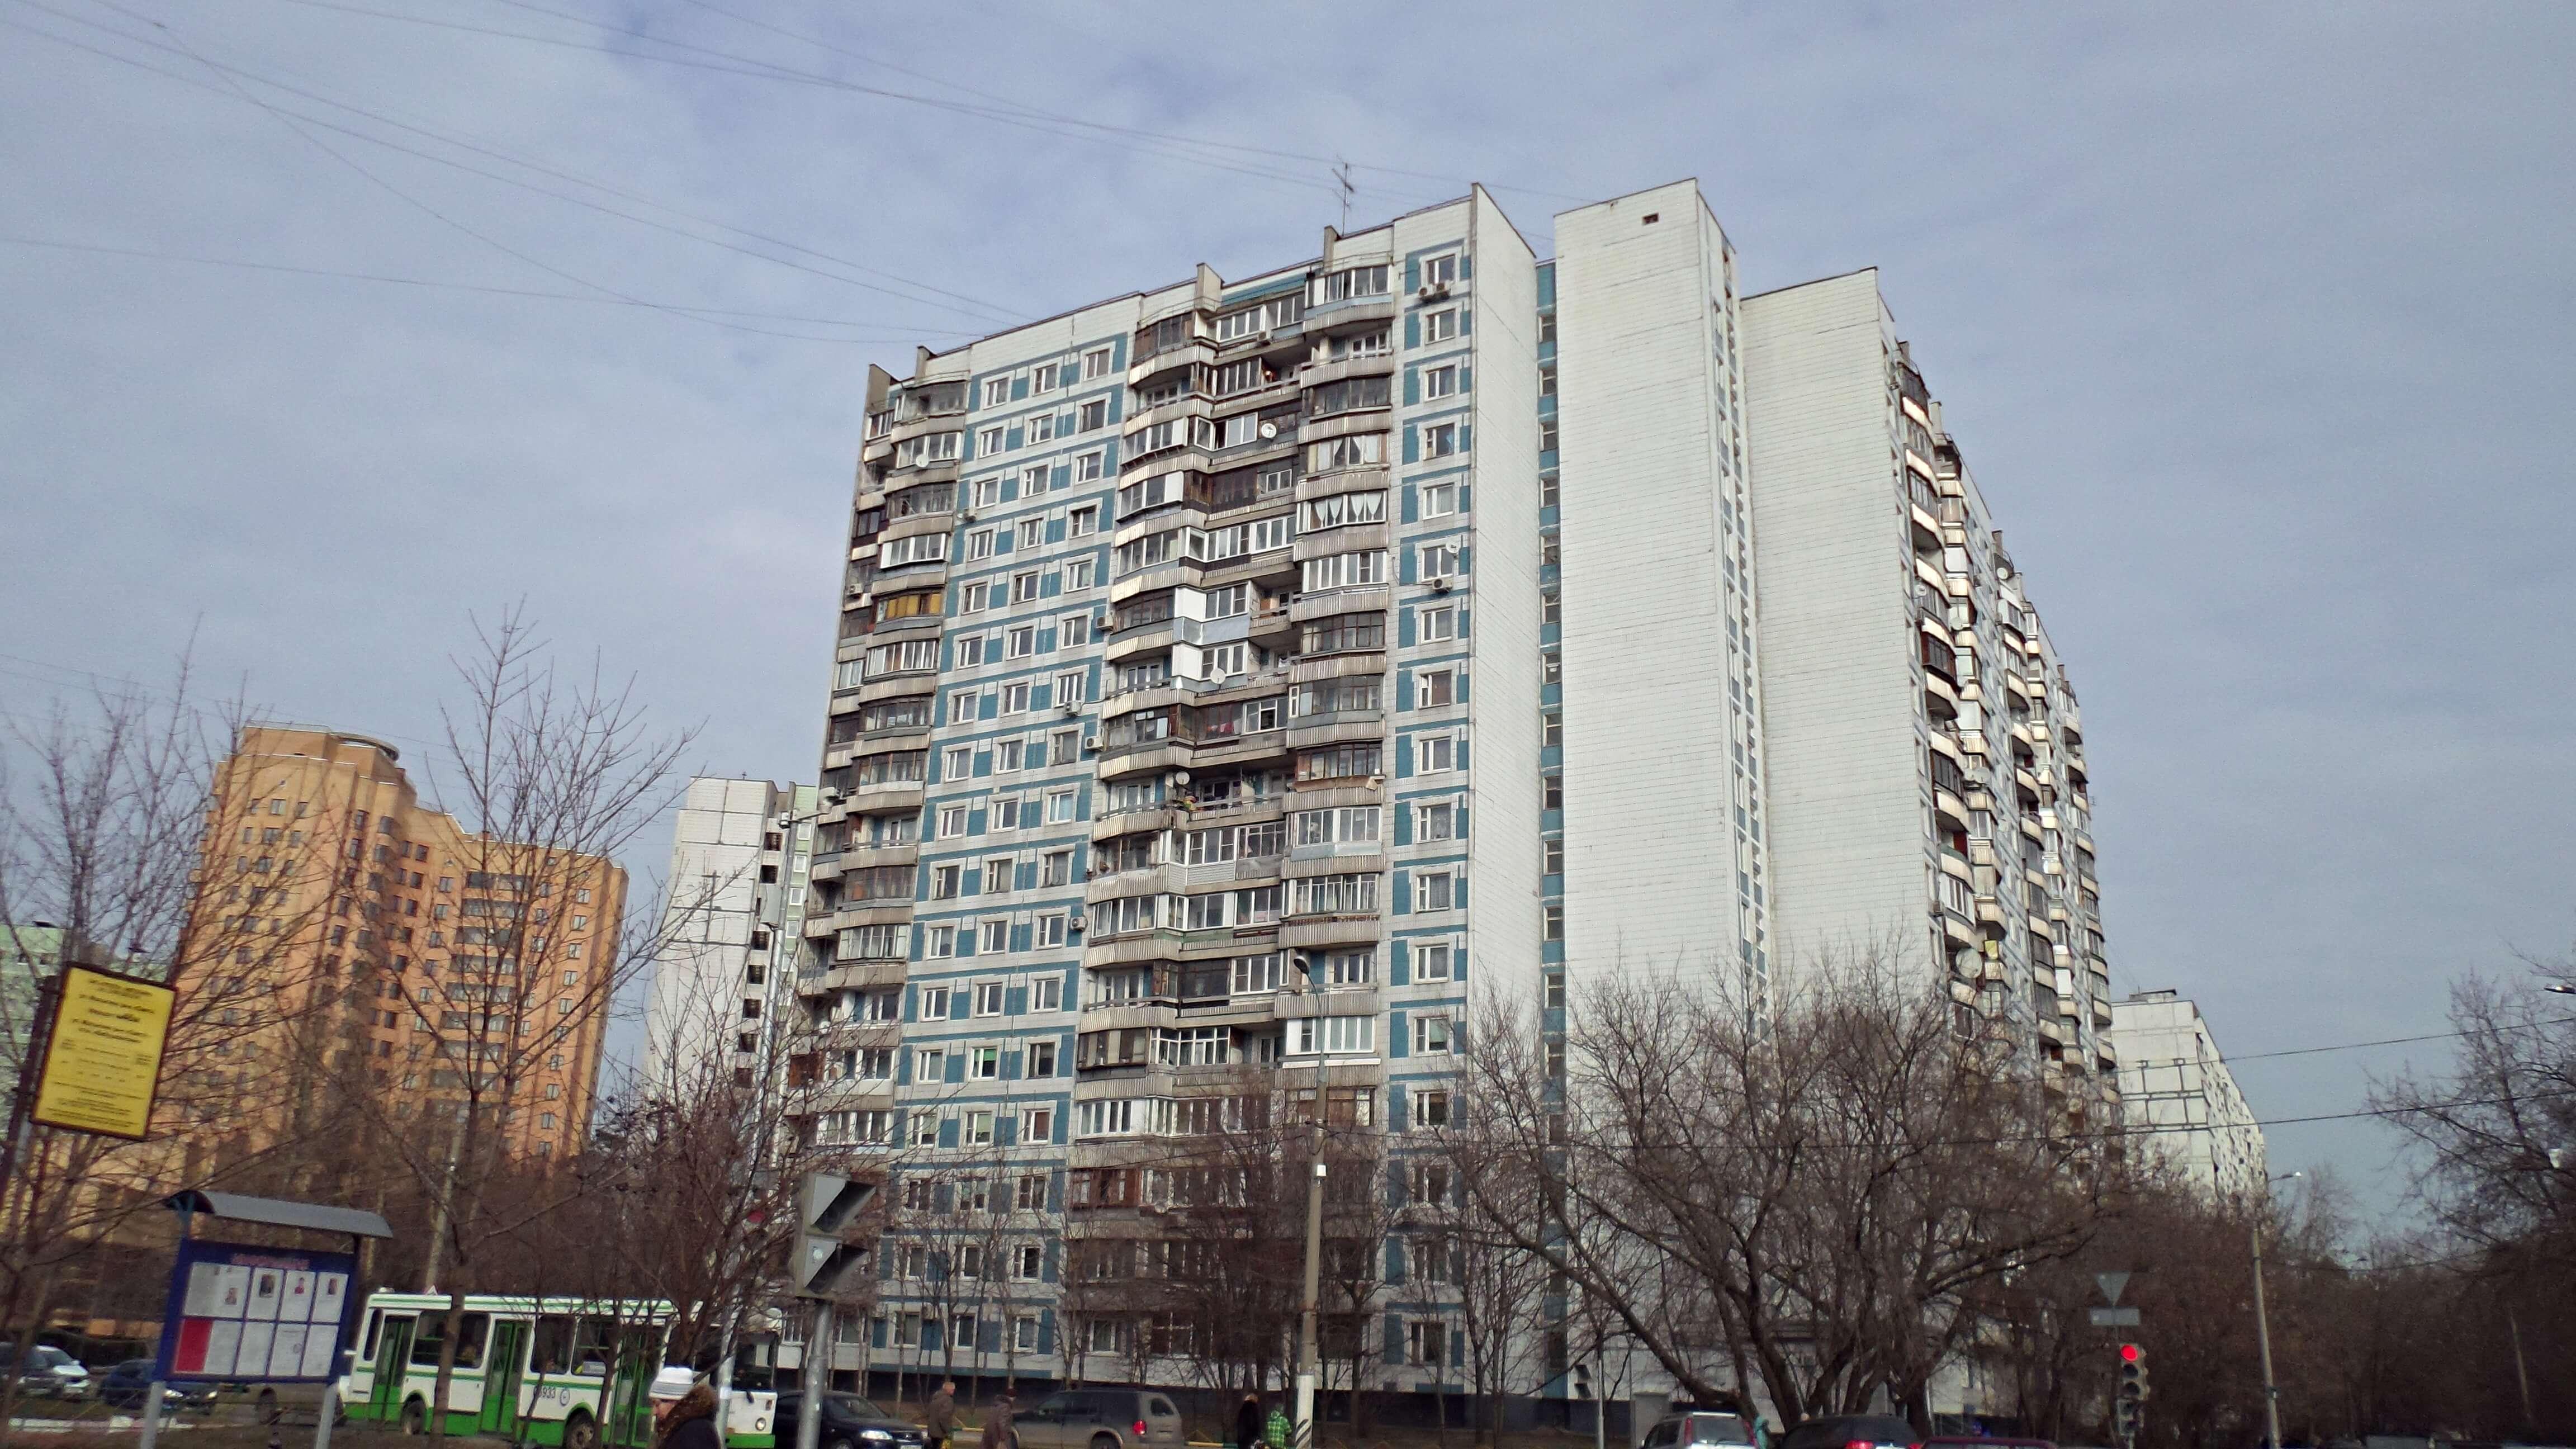 Фотография панельного дома серии П-44 бело-голубого цвета, высотное здание